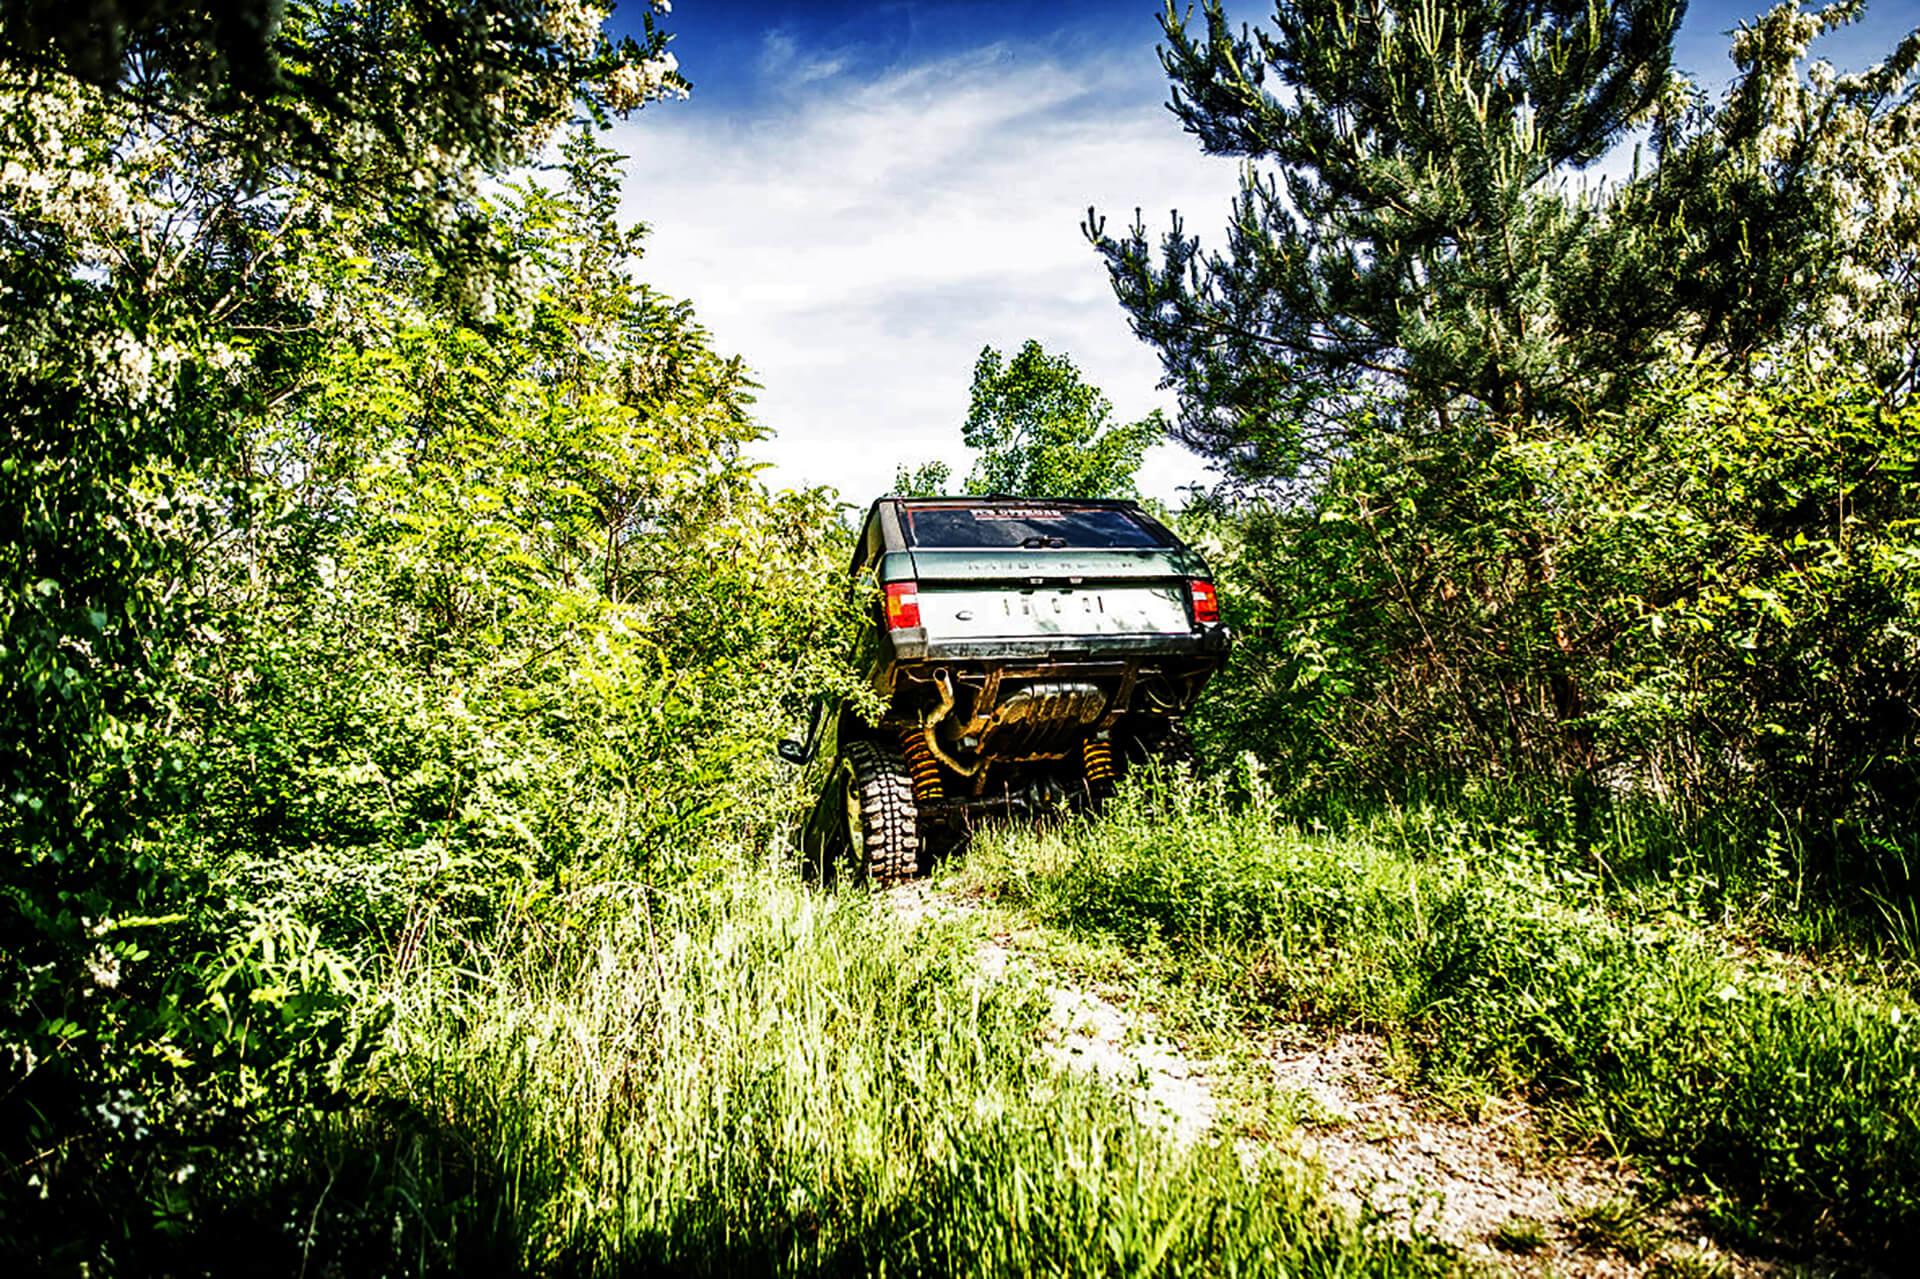 Geländewagen auf einer Wiese